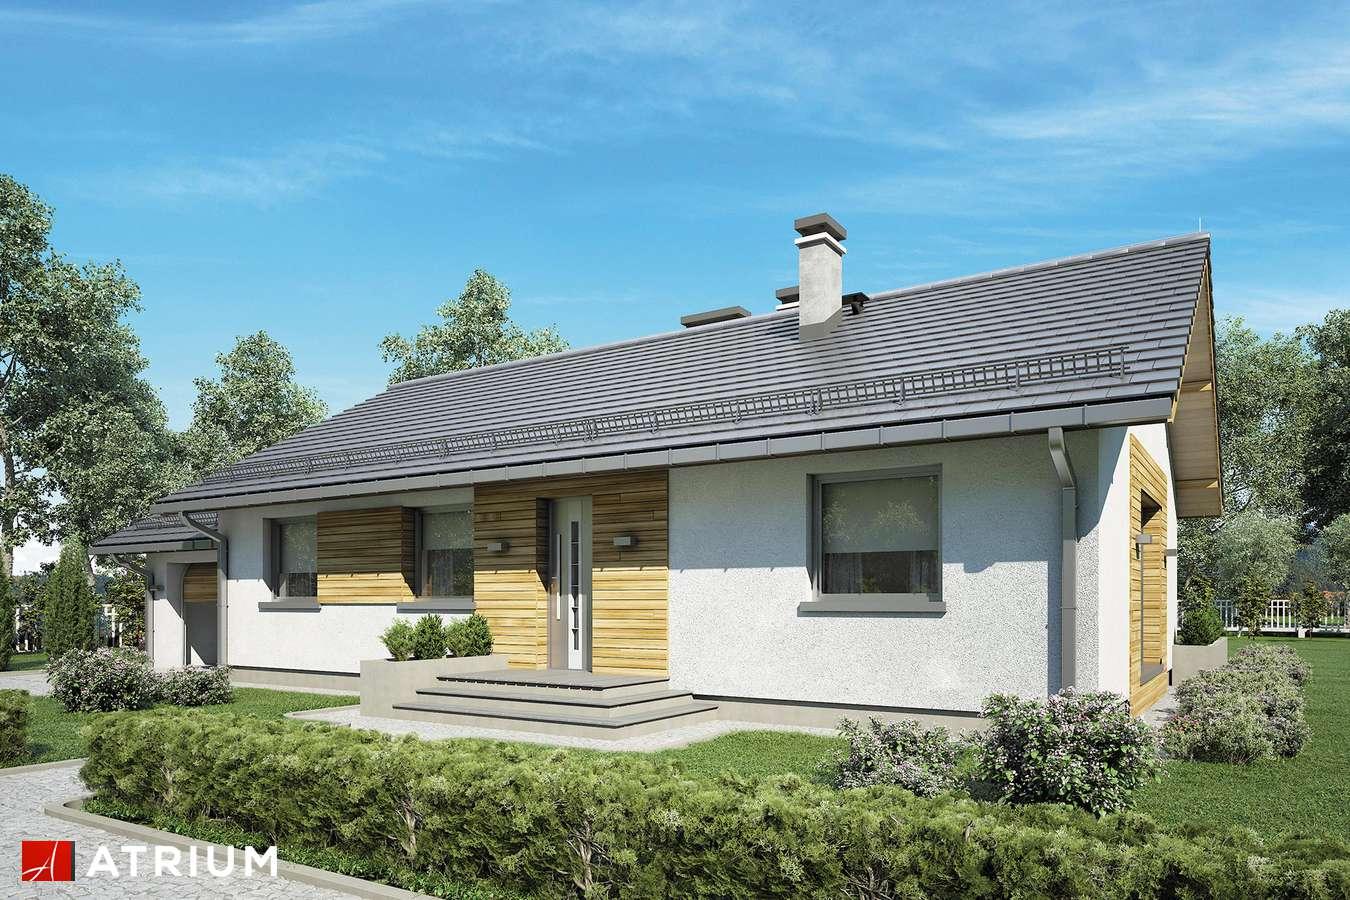 Projekty domów - Projekt domu parterowego AURORA III - wizualizacja 1